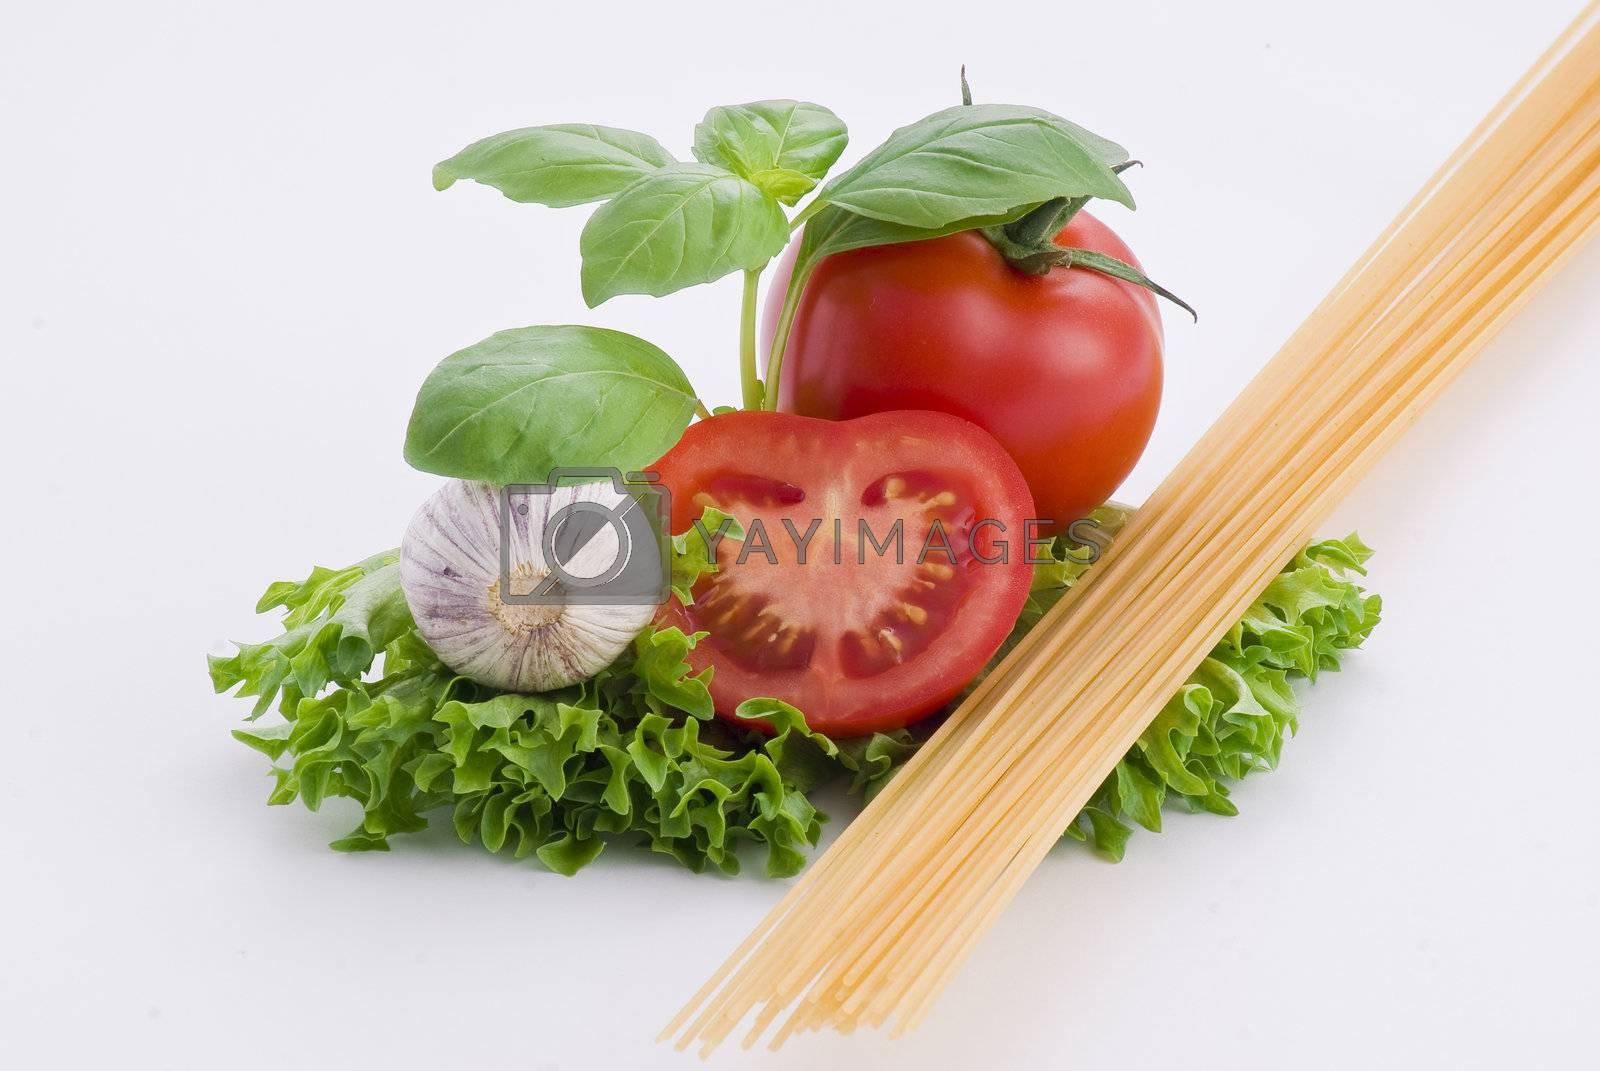 Pasta, tomatoes, basil and garlic by caldix